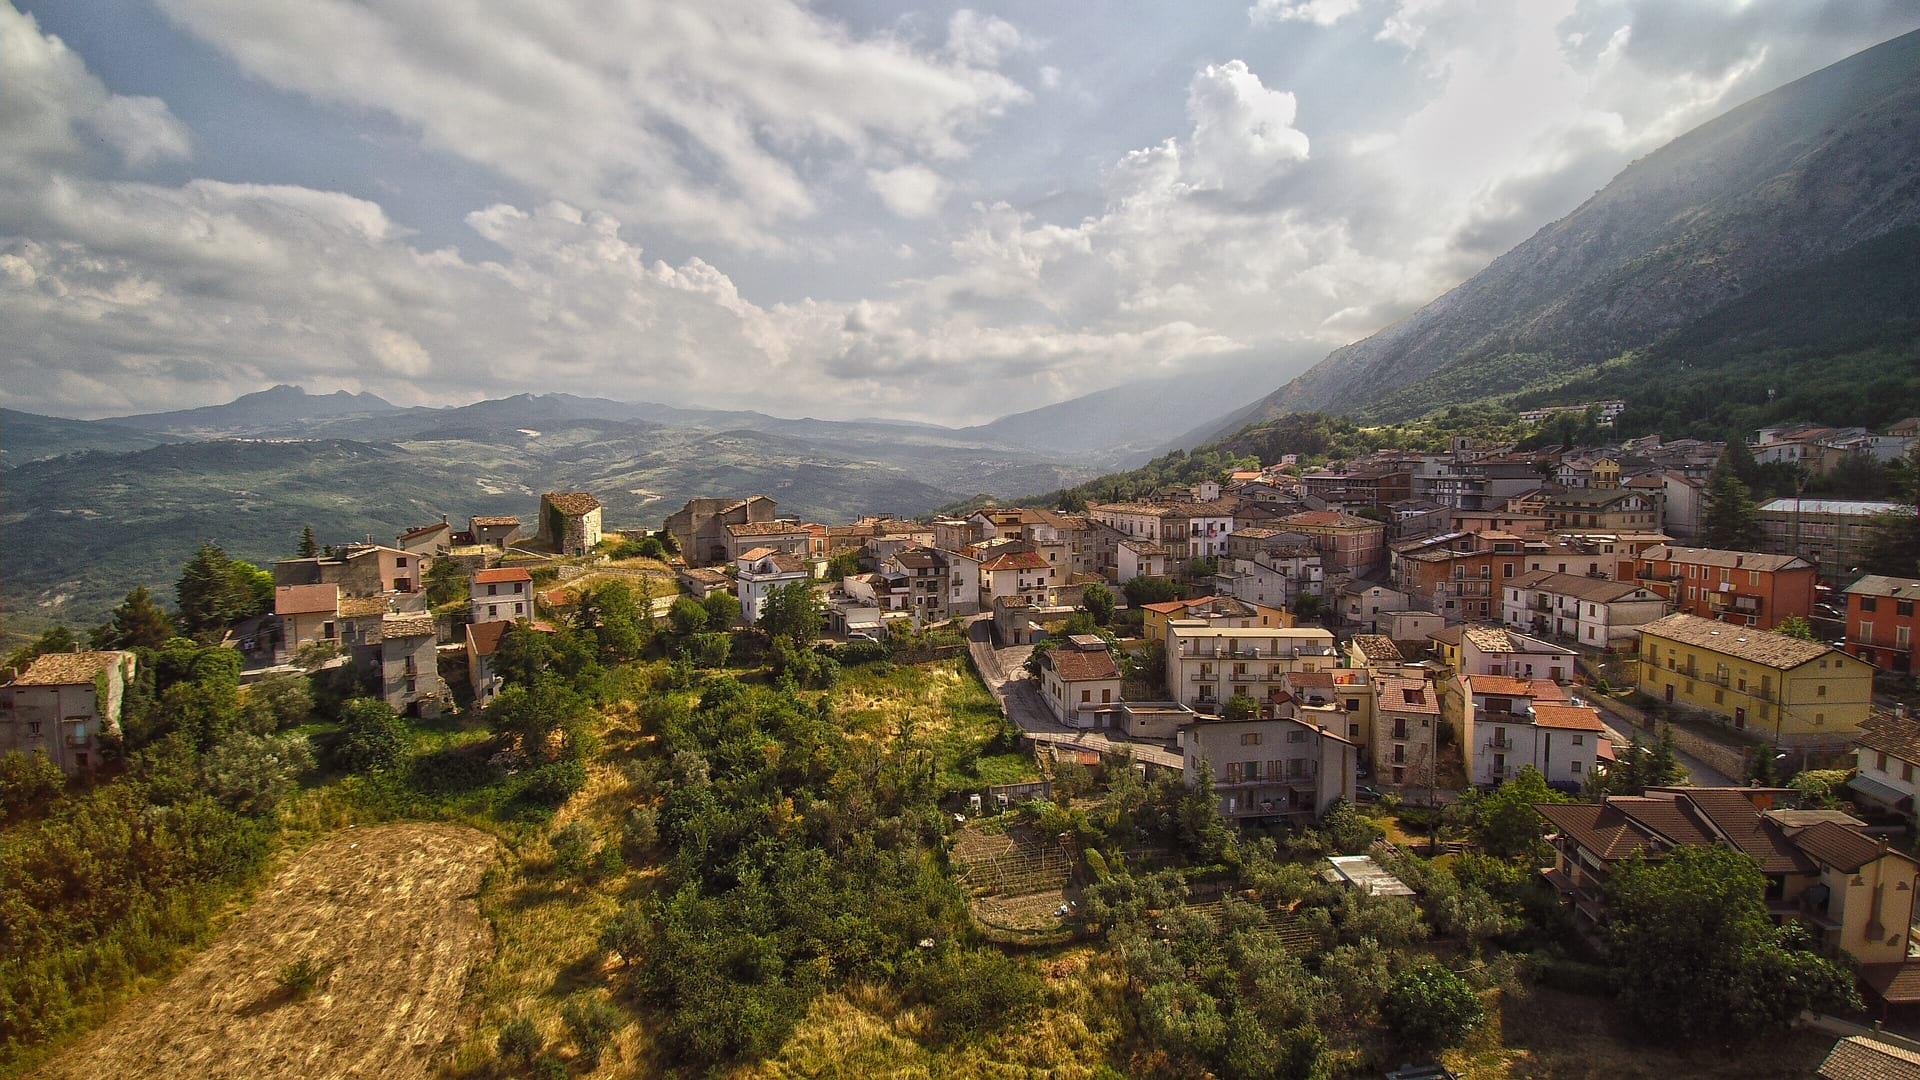 Abruzzo city top view image